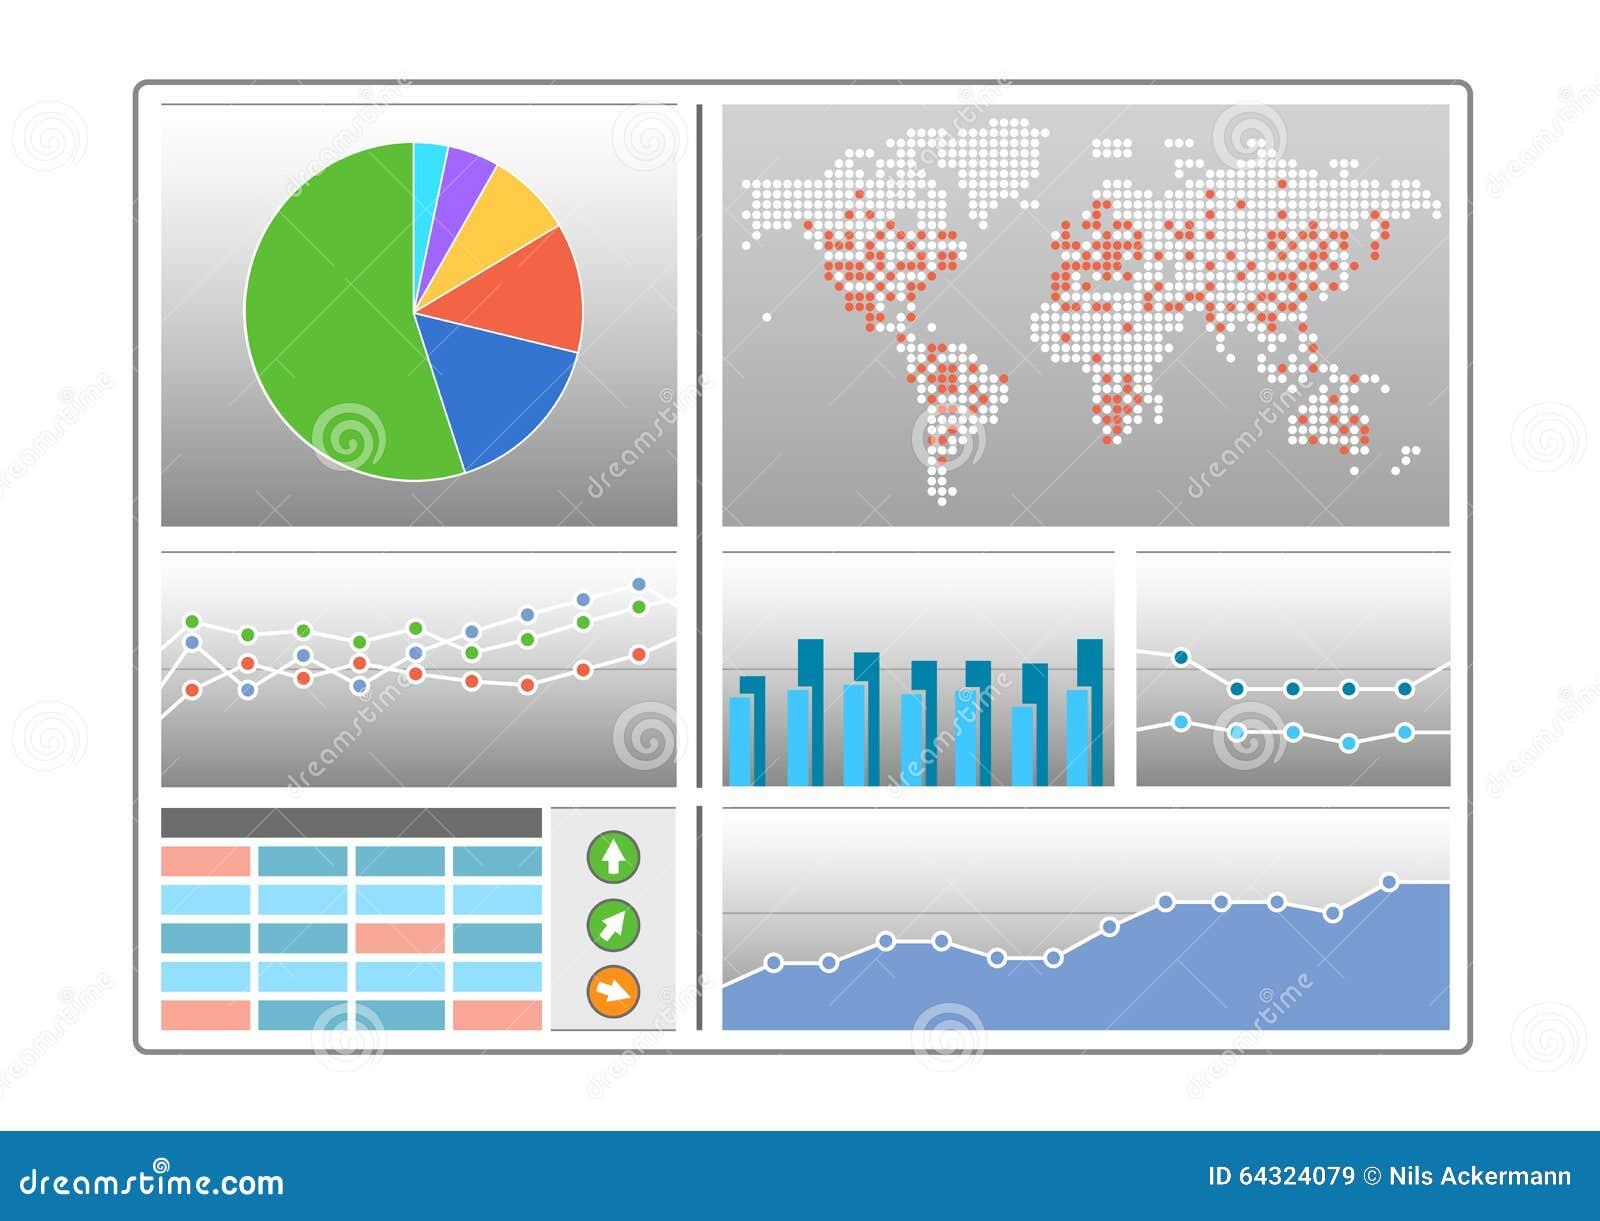 le tableau de bord avec diff u00e9rents types de diagrammes aiment le graphique circulaire  la carte